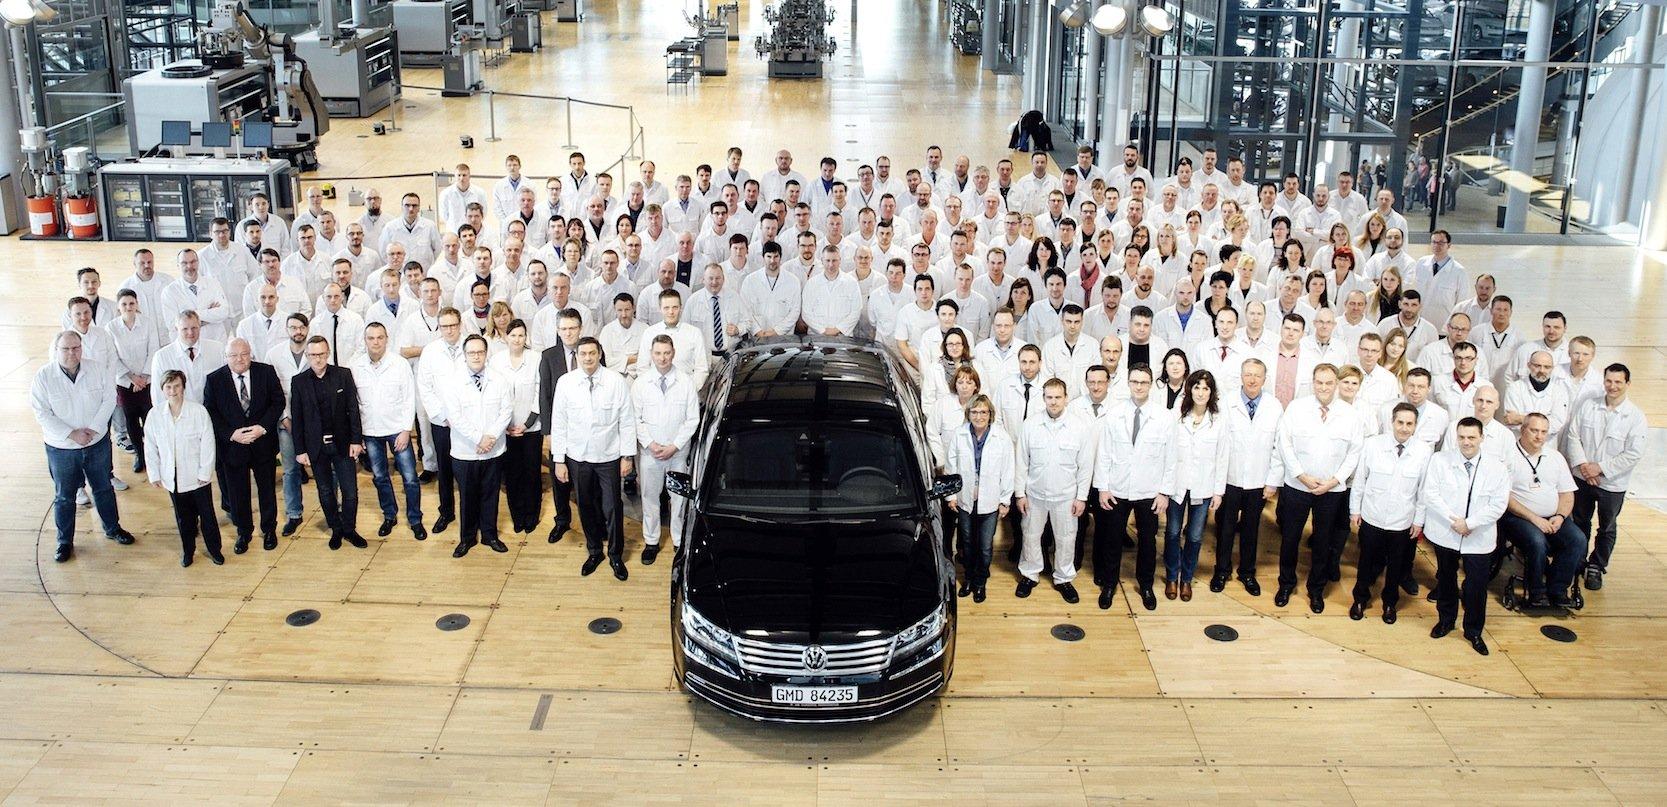 Der letzte Phaeton verließ am 17. März 2016 die Gläserne Manufaktur in Dresden. Seitdem fungiert die Manufaktur als Ausstellungshalle für Elektromobilität.